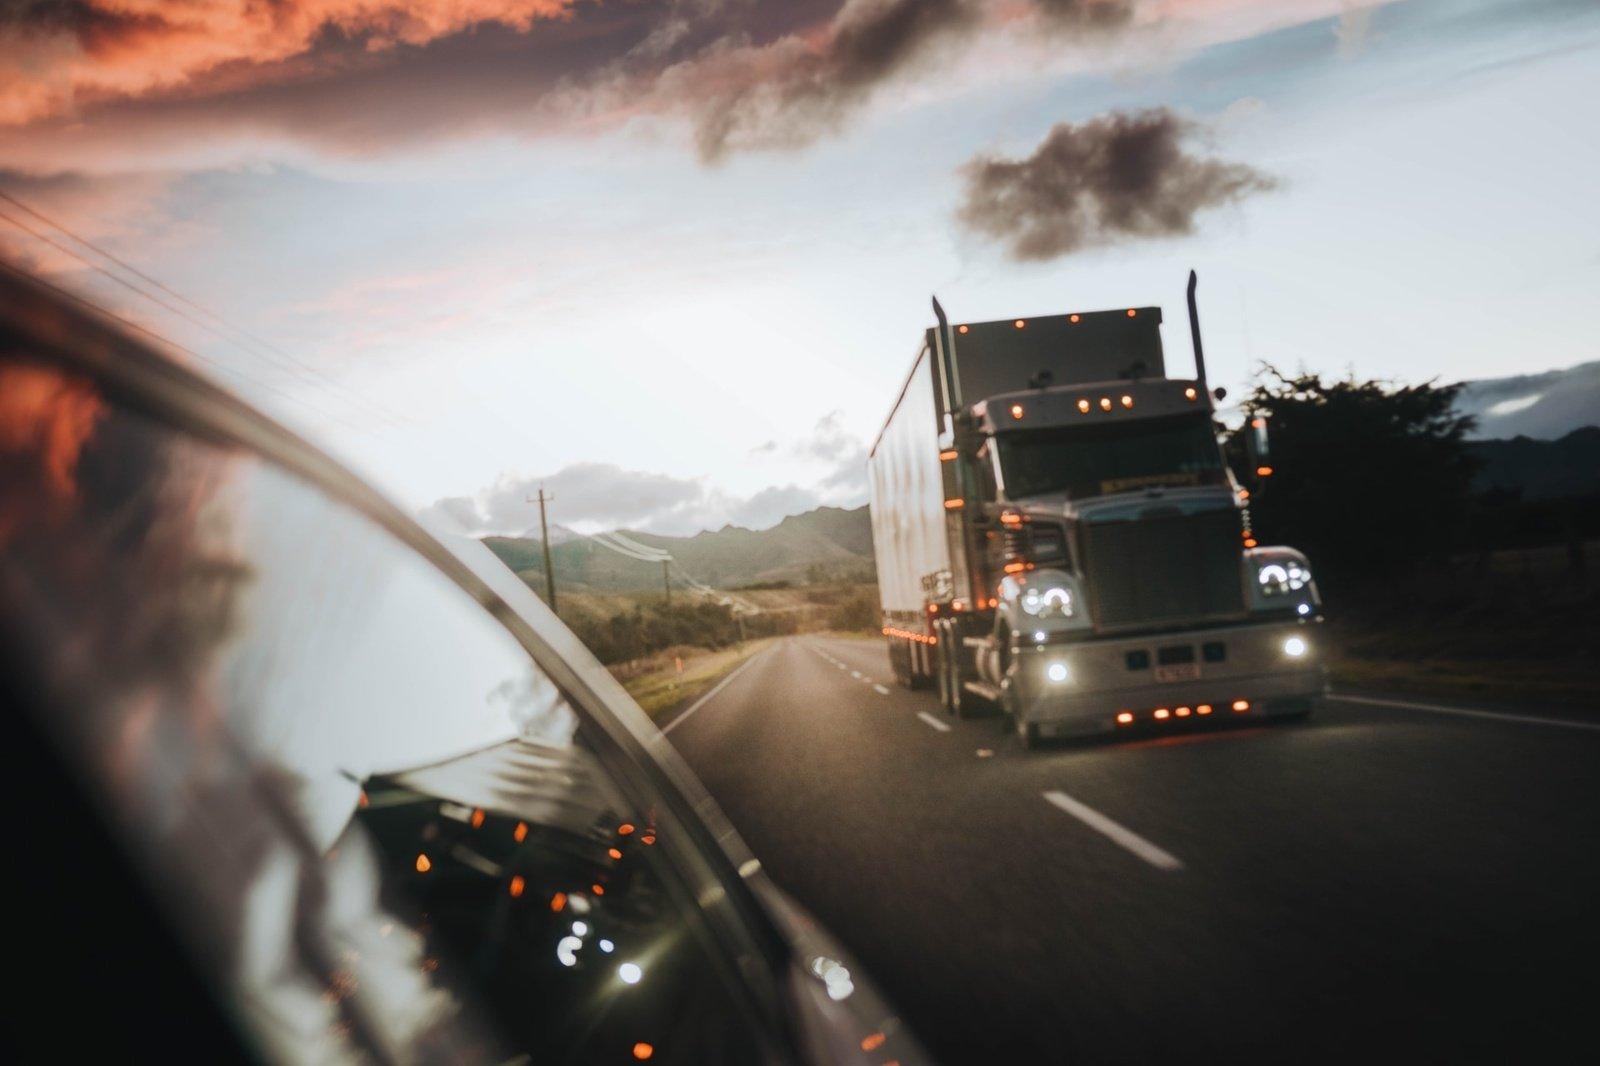 Pagrindinės IT sistemos, kurias naudoja šiuolaikinės krovinių ekspedijavimo kompanijos